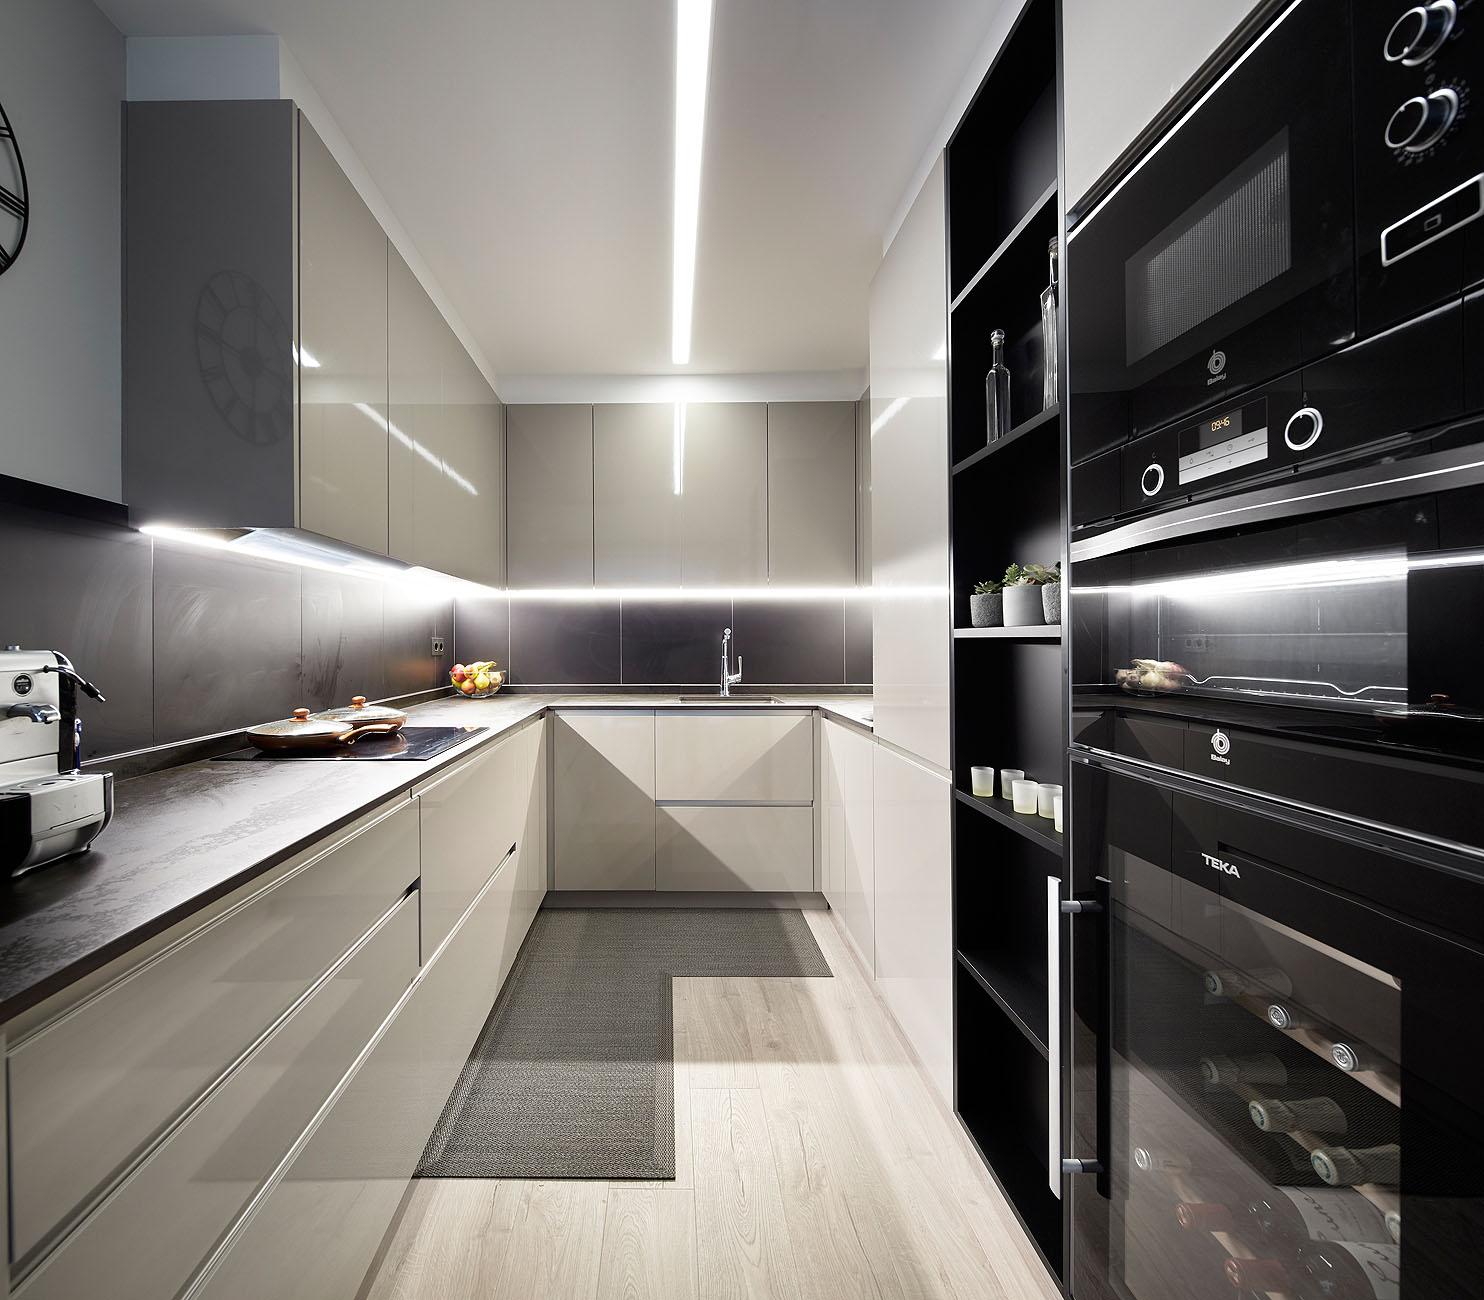 Selección de fotografias de cocinas - Iñaki Caperochipi - Fotografía